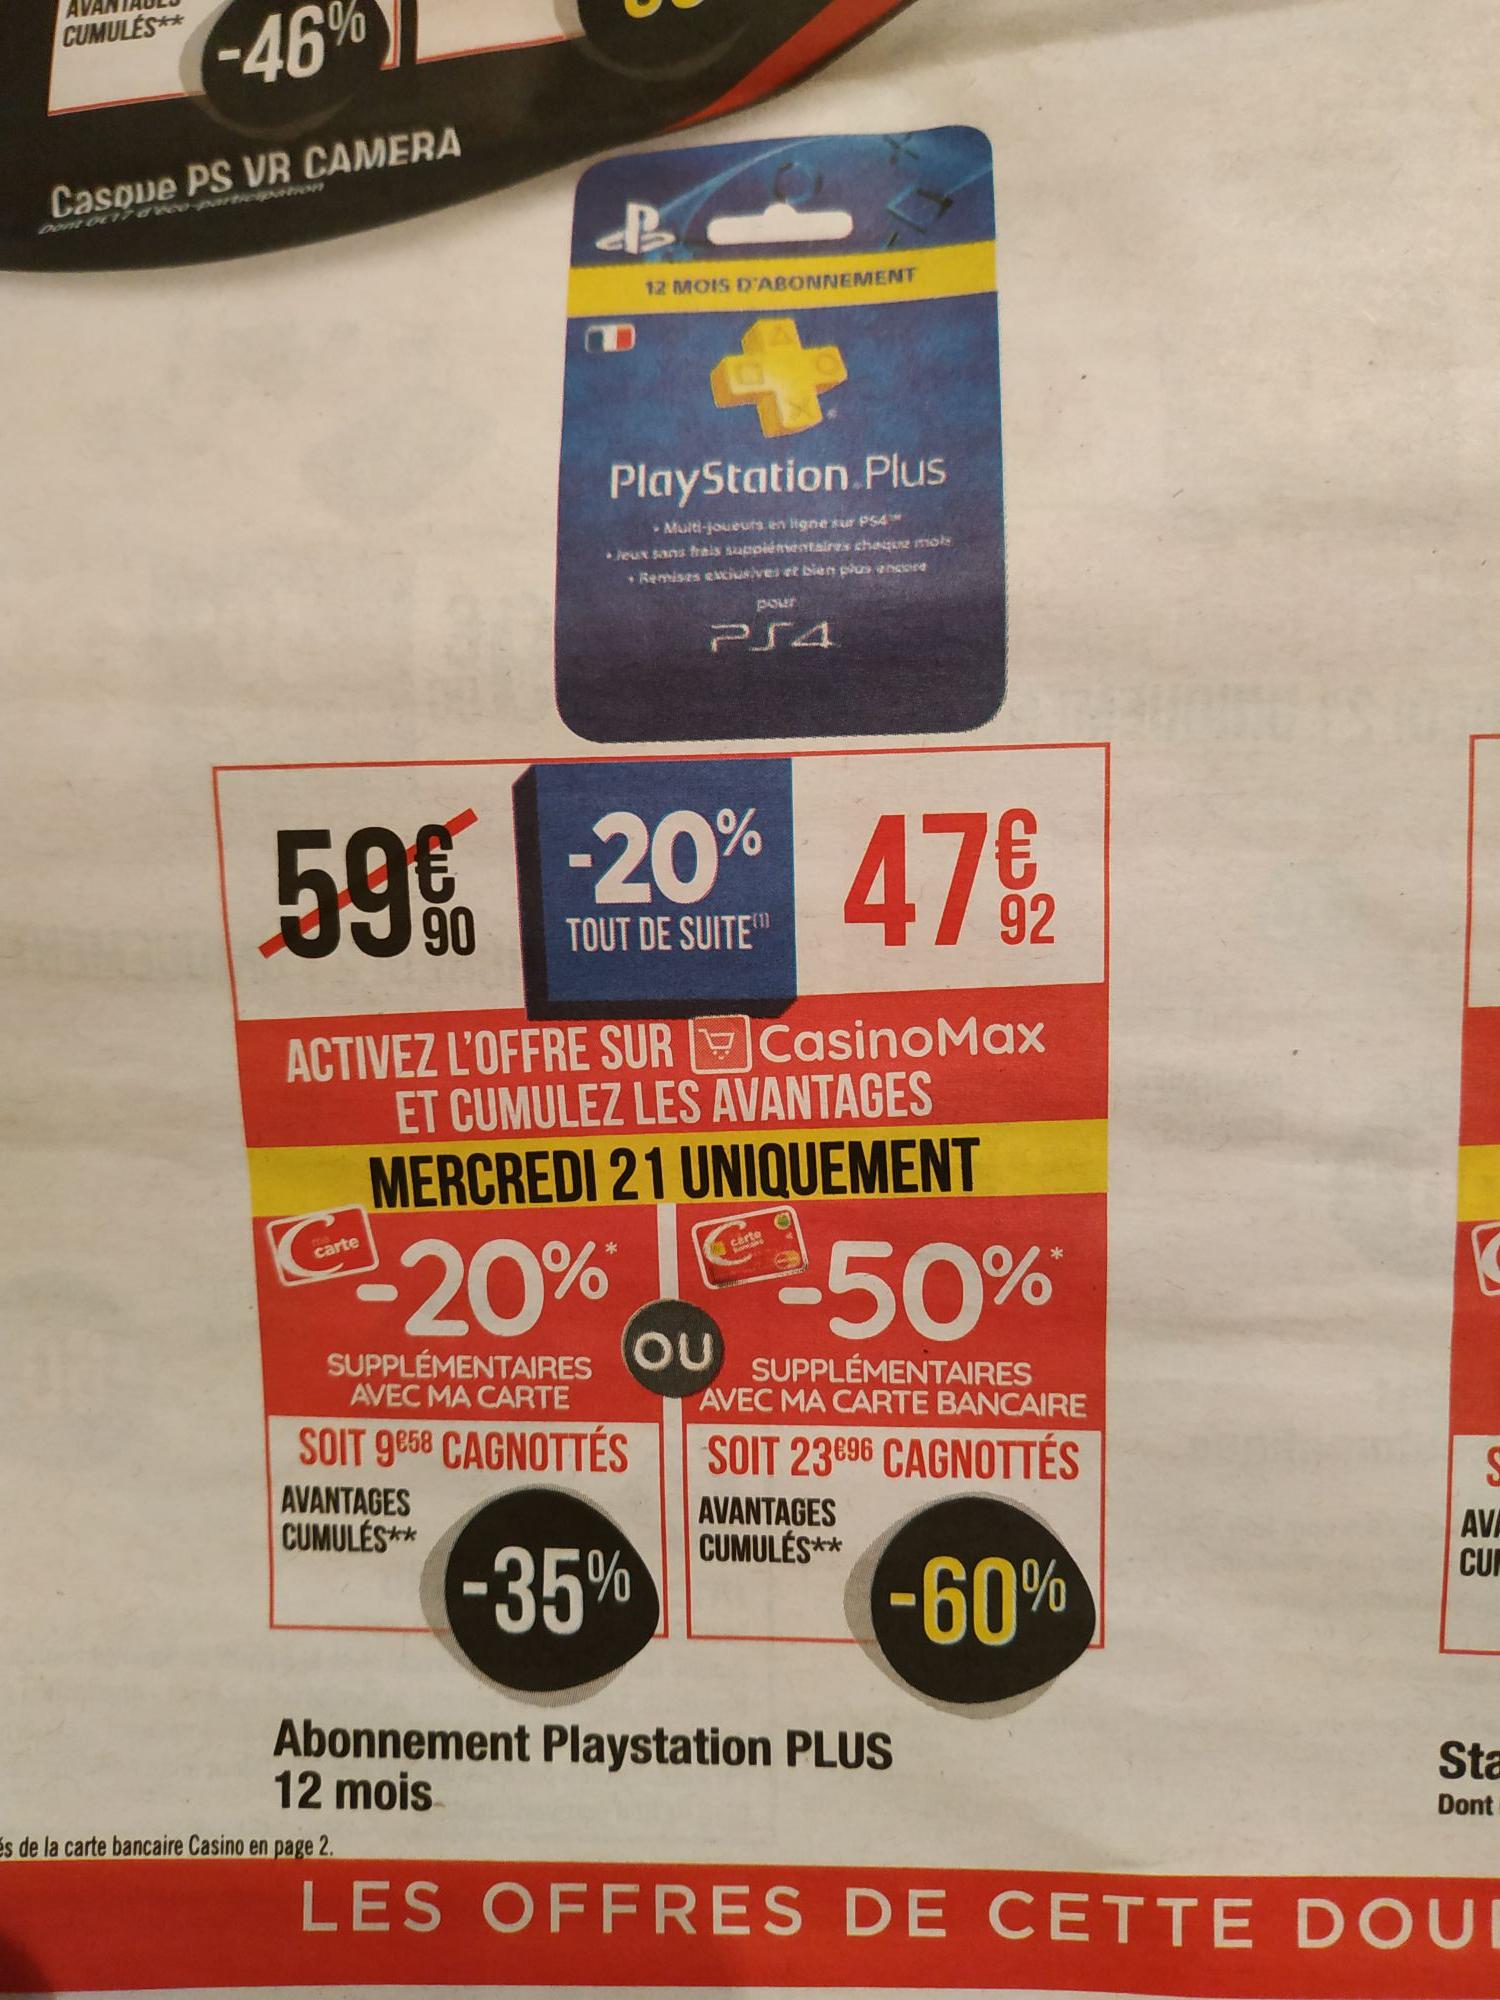 Carte d'abonnement de 12 mois au PlayStation Plus (via 9.58€ sur la carte de fidélité) ou 23.96€ avec la carte bancaire Casino